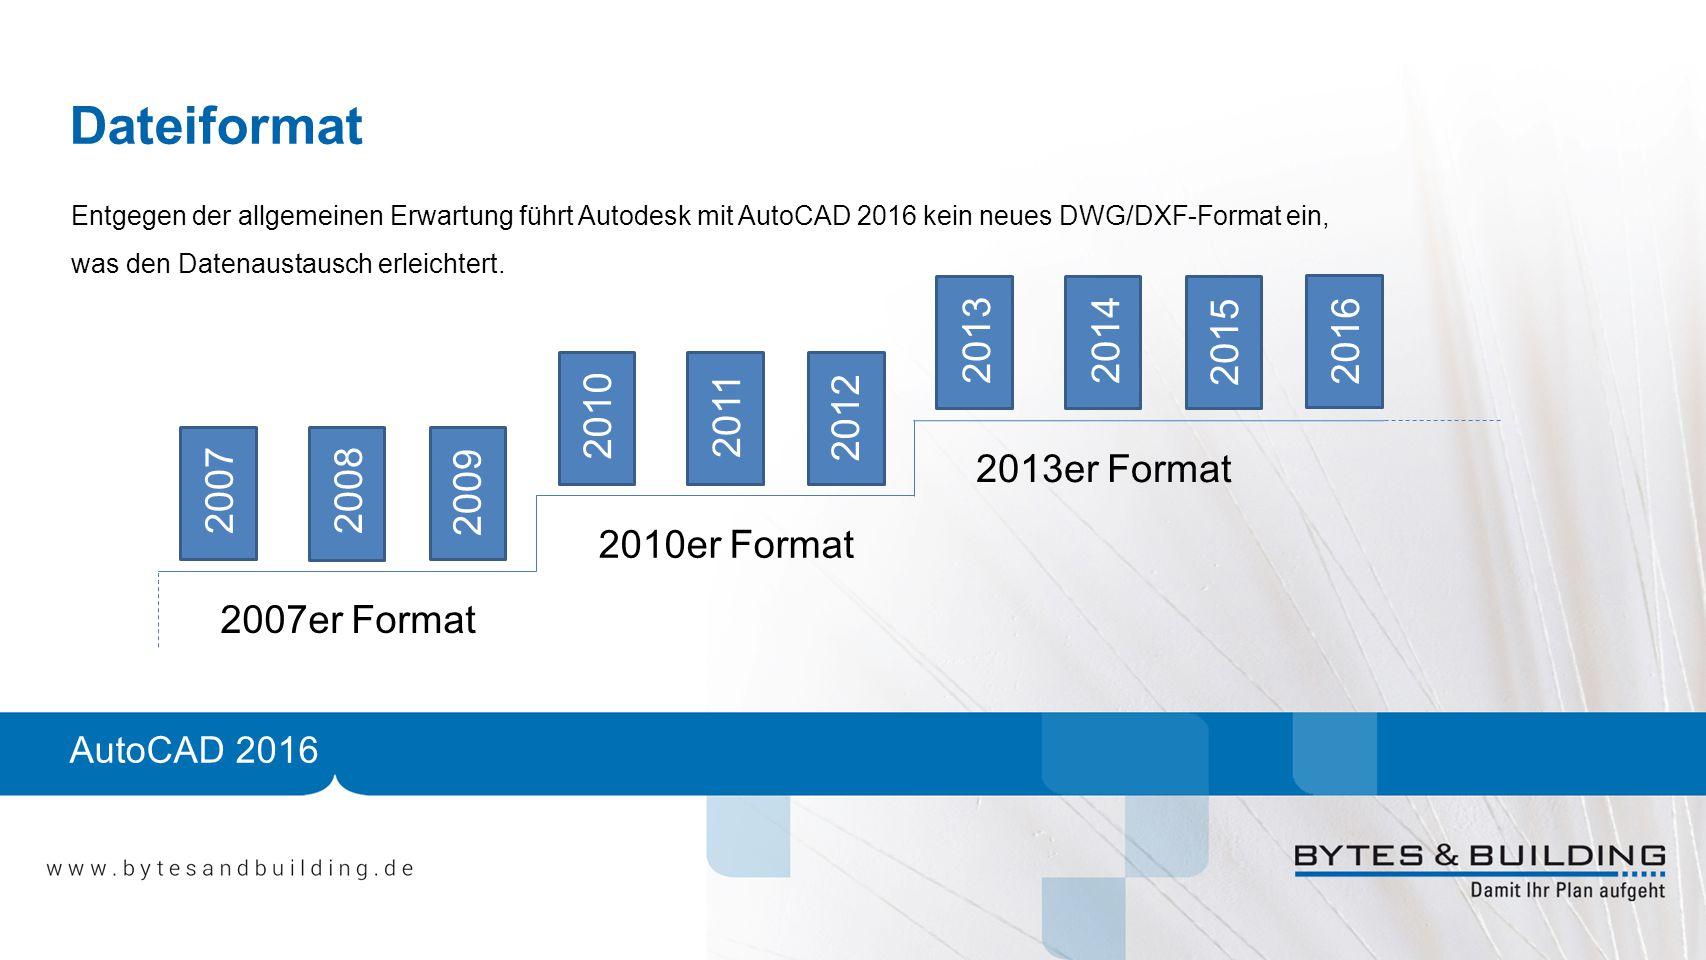 AutoCAD 2016 Dateiformat 20072008 2009 2010 2011 2012 20132014 2015 2007er Format 2010er Format 2013er Format 2016 Entgegen der allgemeinen Erwartung führt Autodesk mit AutoCAD 2016 kein neues DWG/DXF-Format ein, was den Datenaustausch erleichtert.